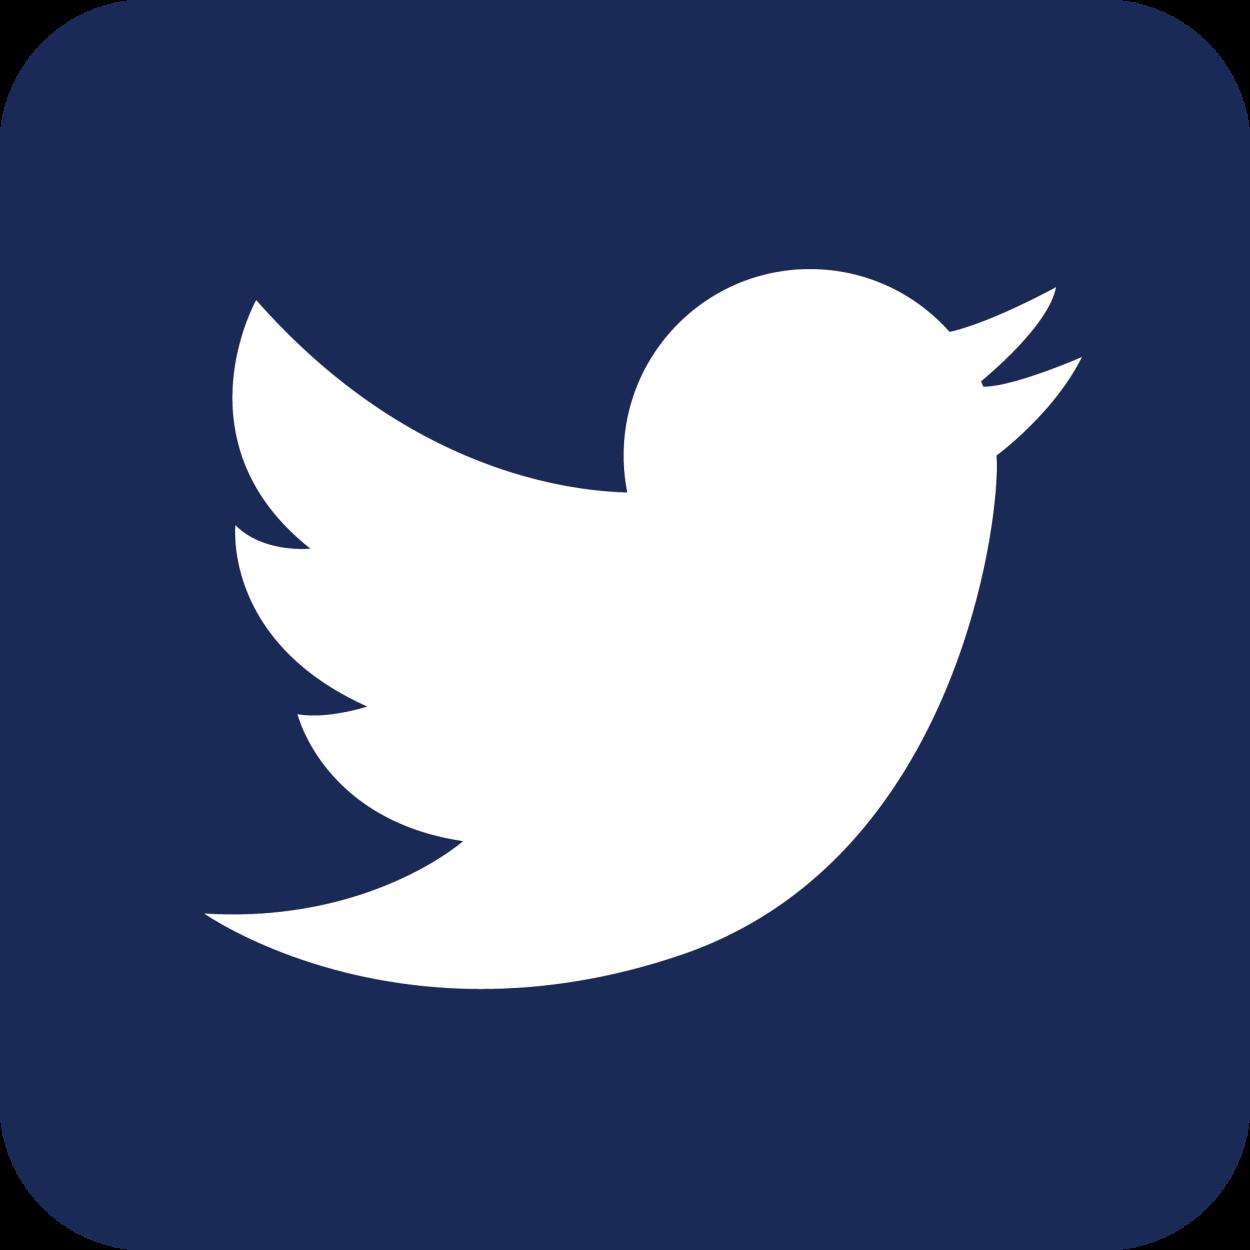 アロマ雑貨とインテリア専門店 AromaSnowman twitter